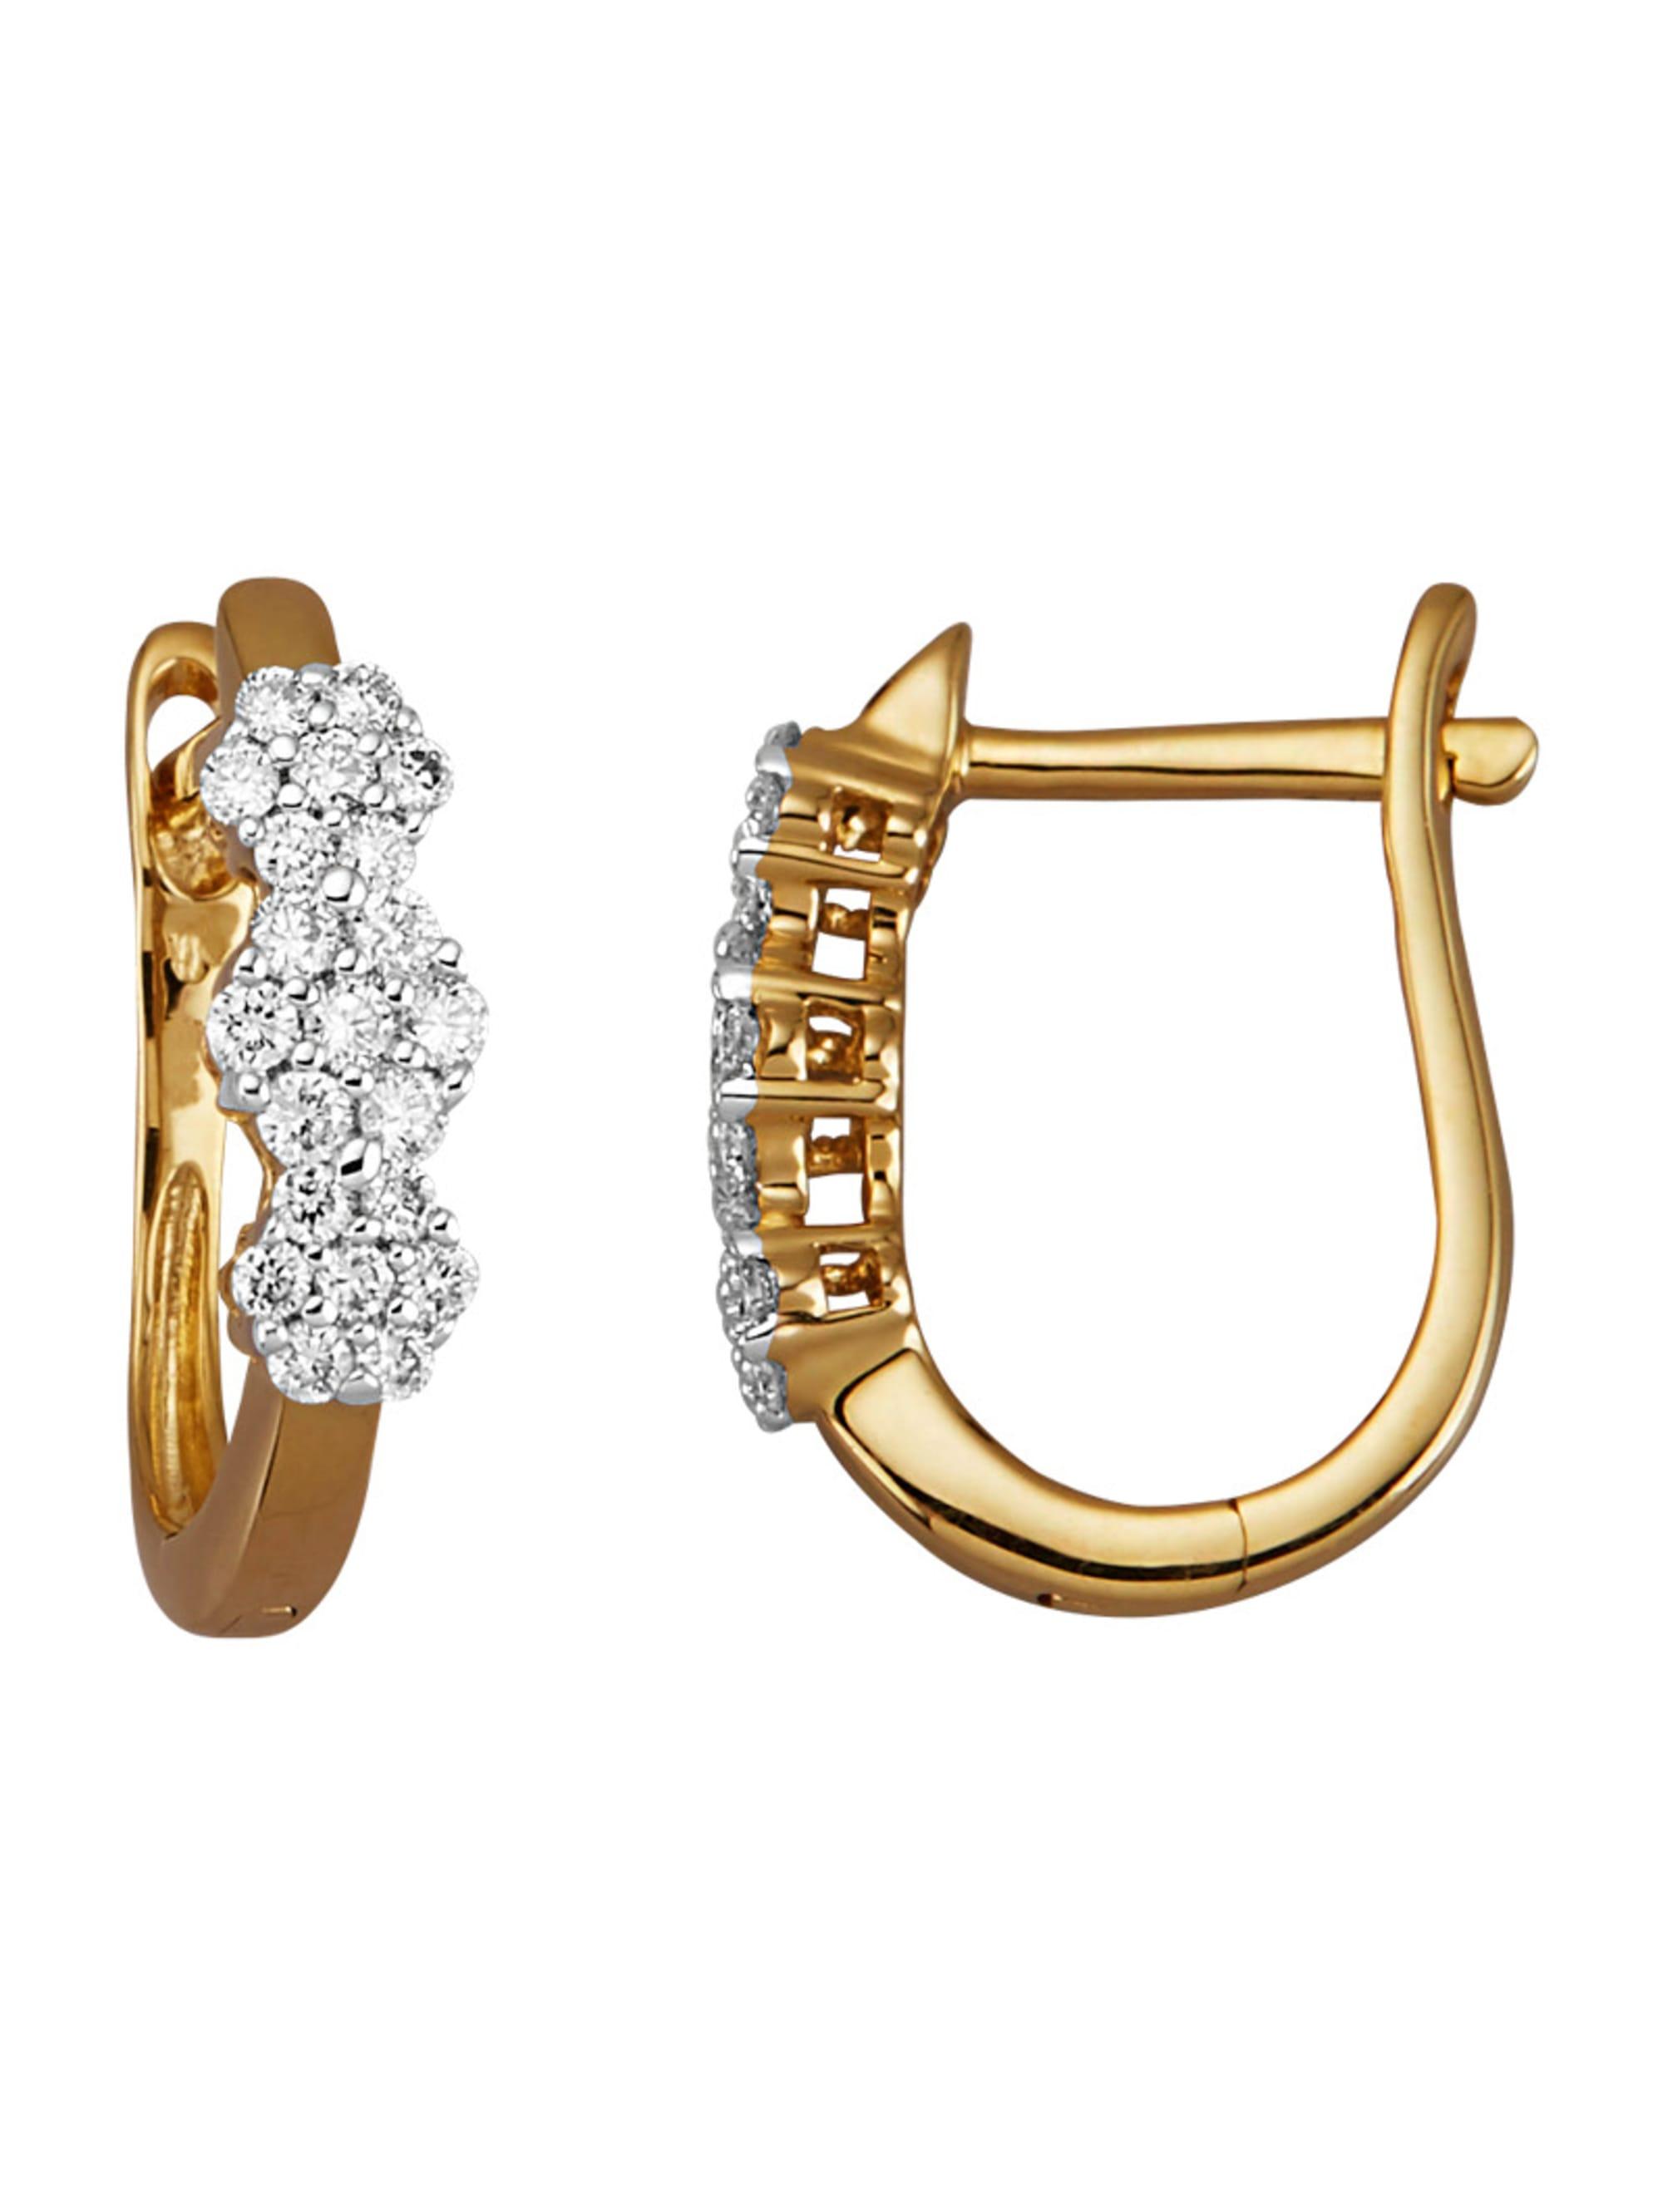 Diemer Diamant Ohrringe mit Brillanten 1N6oM